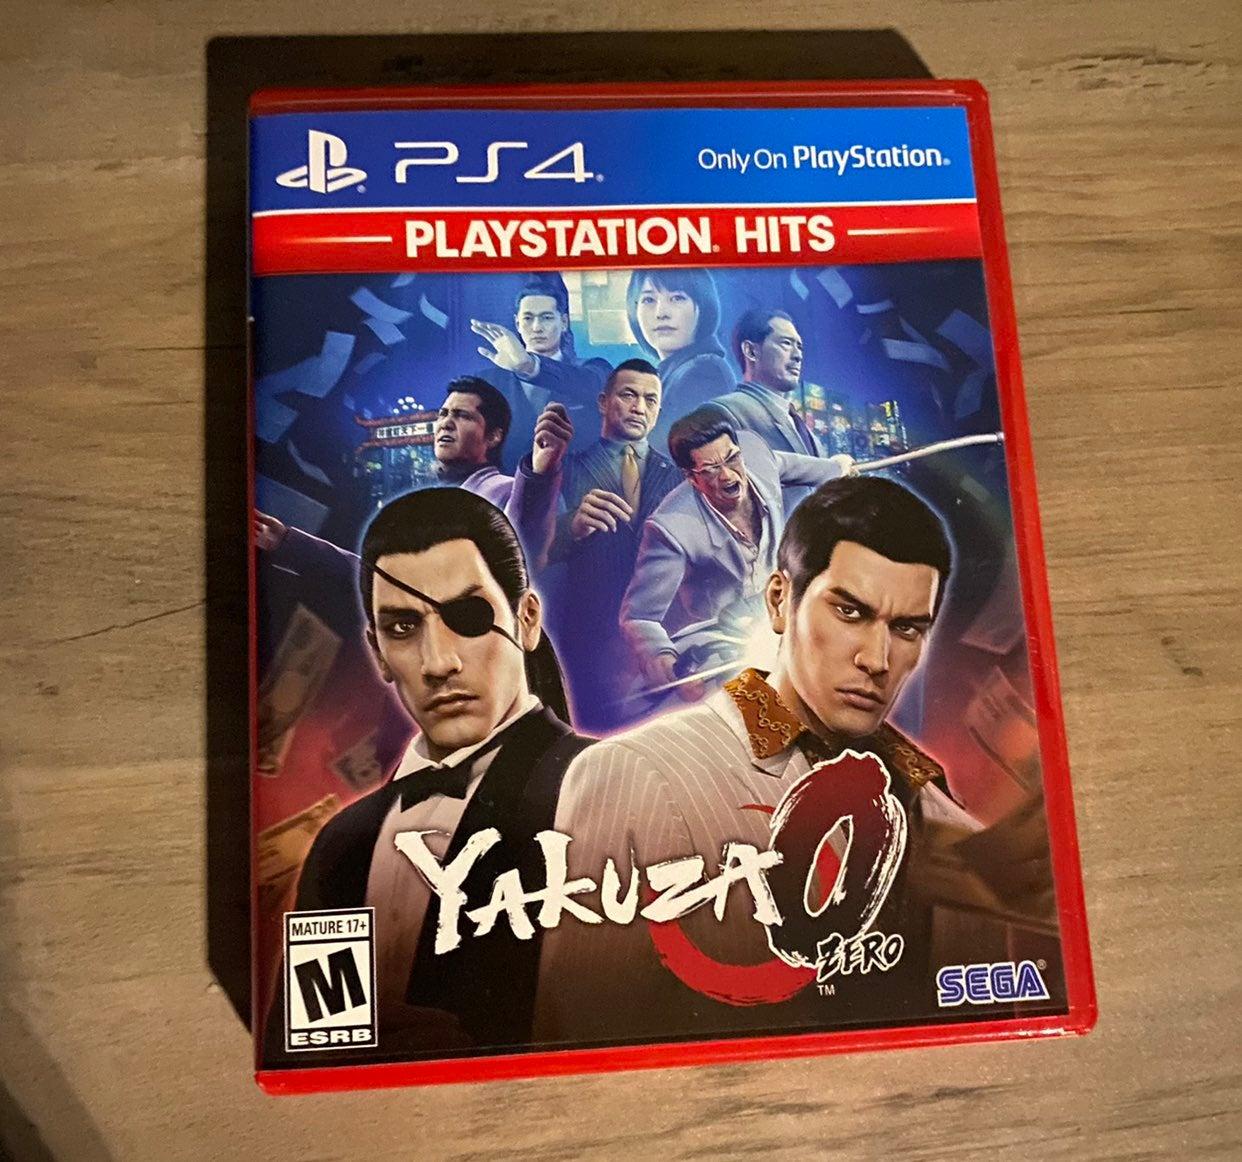 Yakuza 0 PS4 Playstation Hits